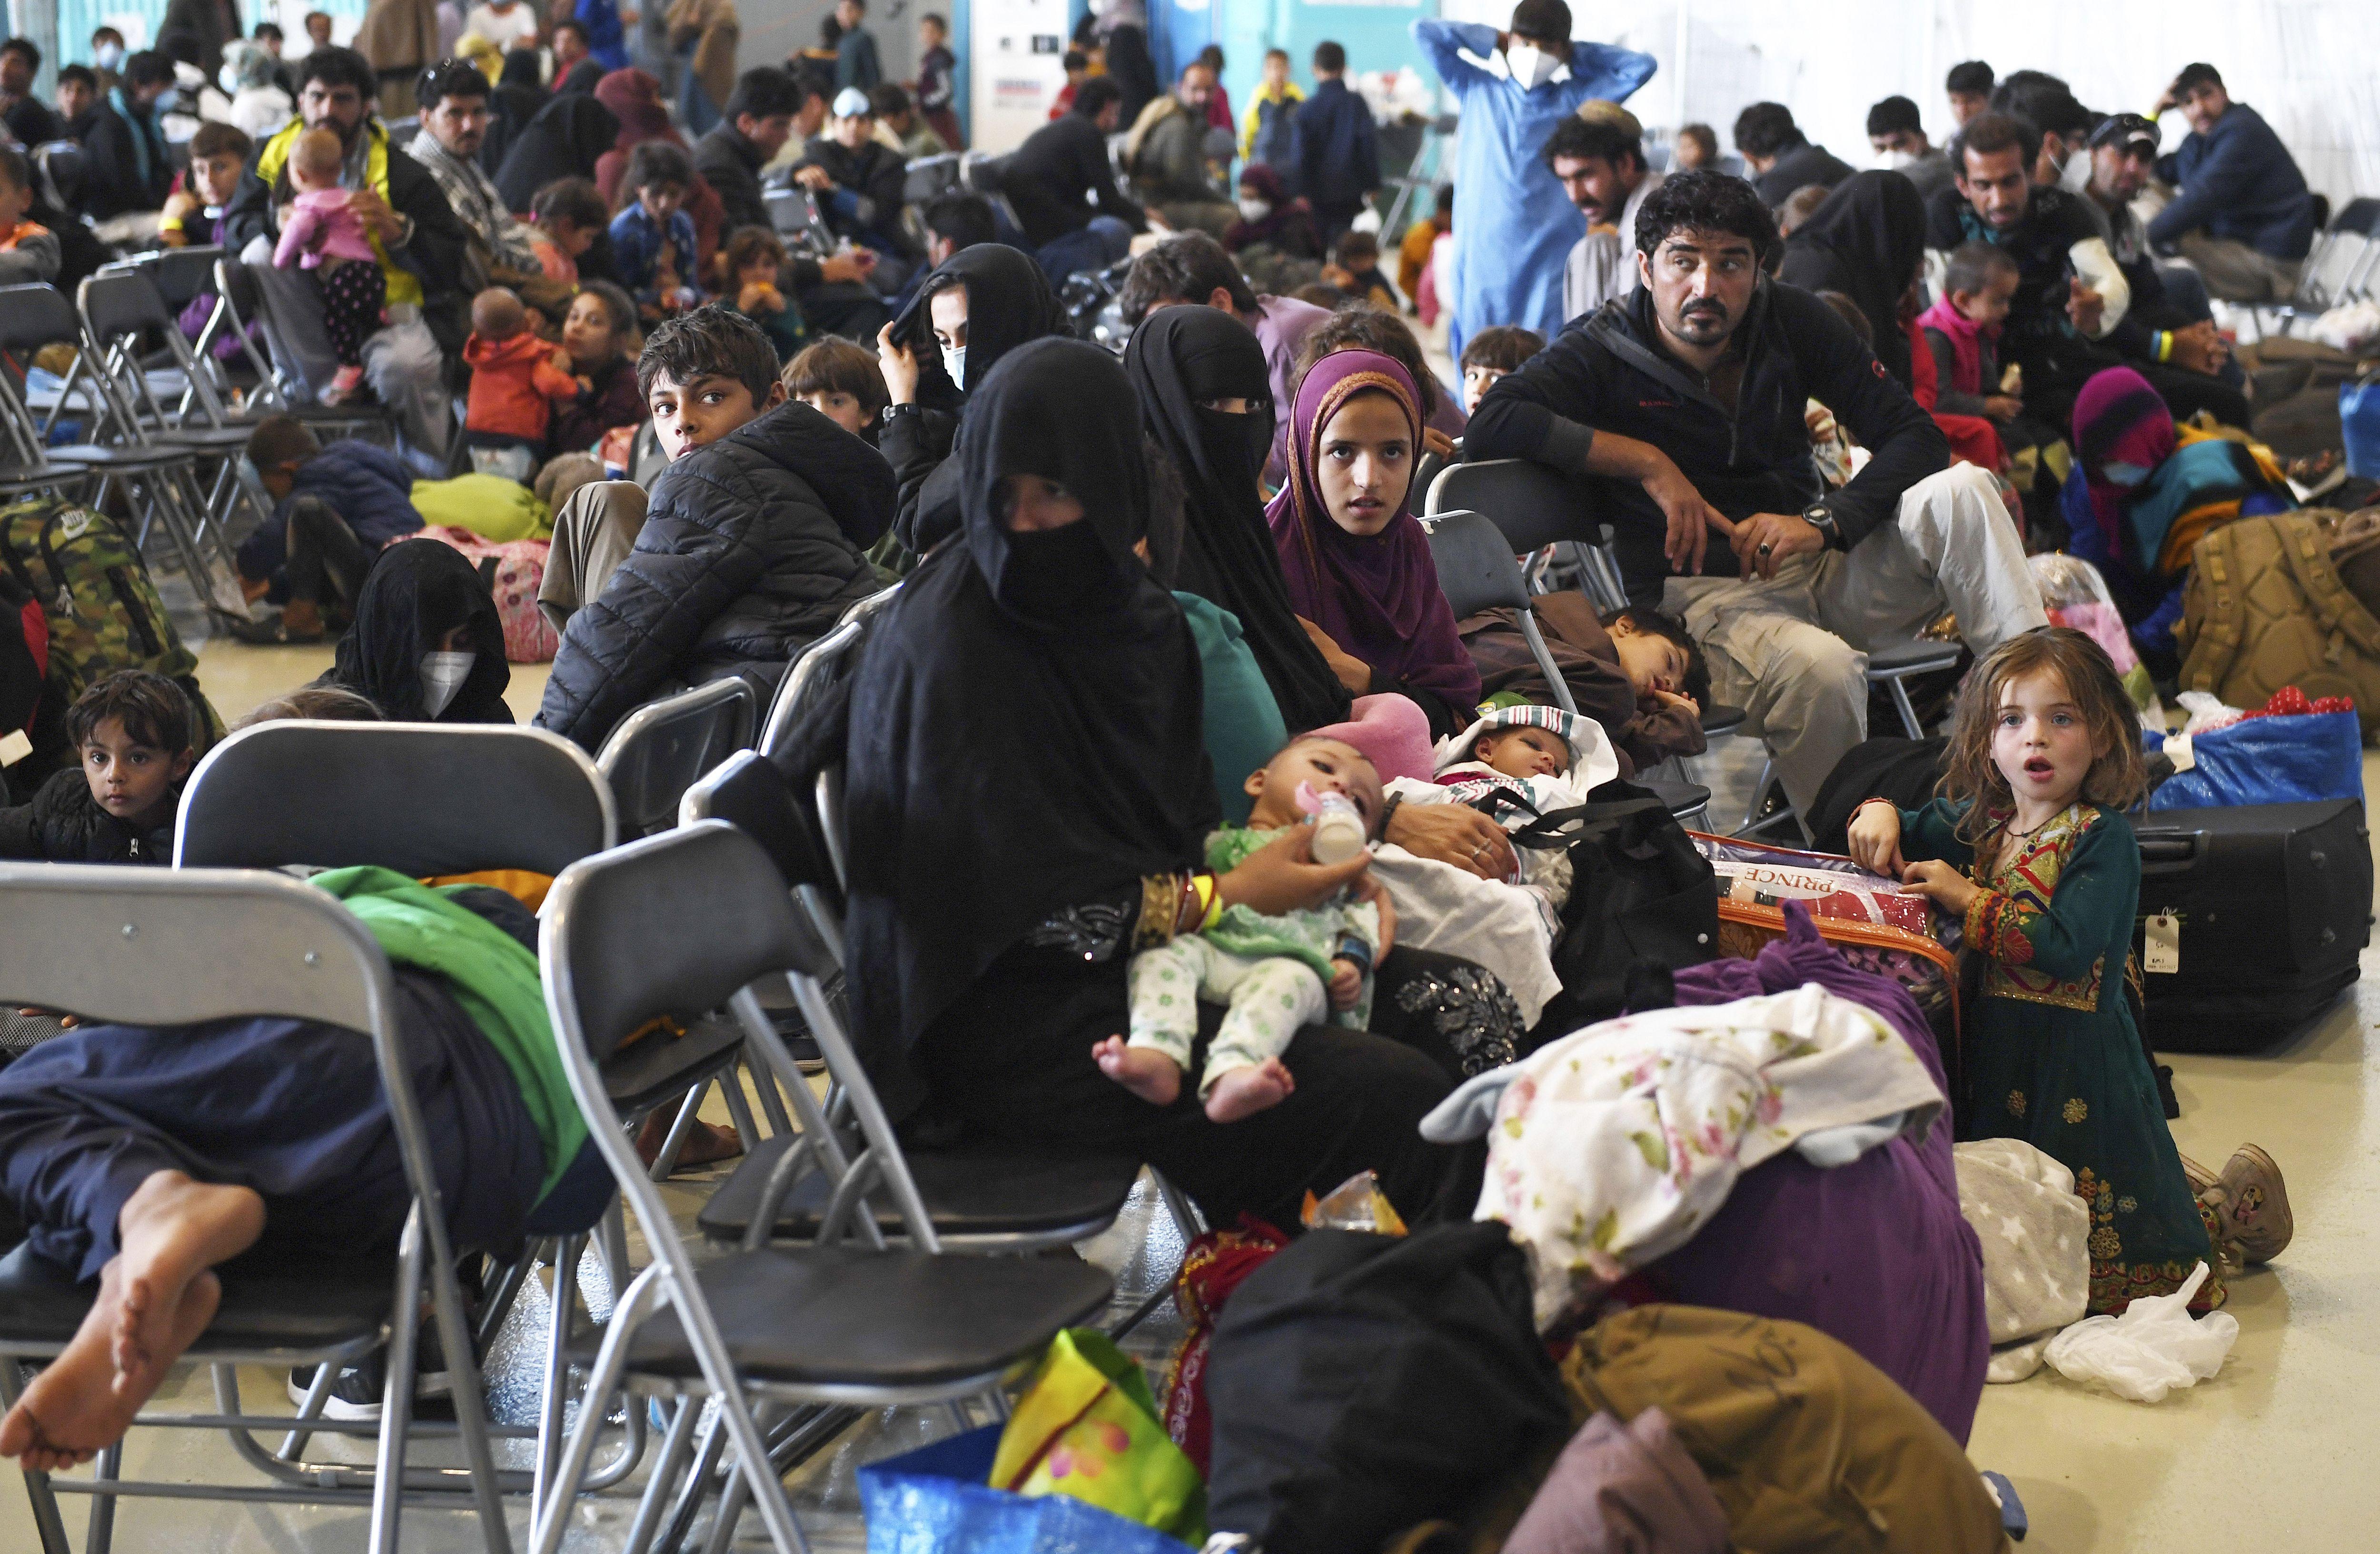 eeuu: reportan casos de sarampion en refugiados afganos